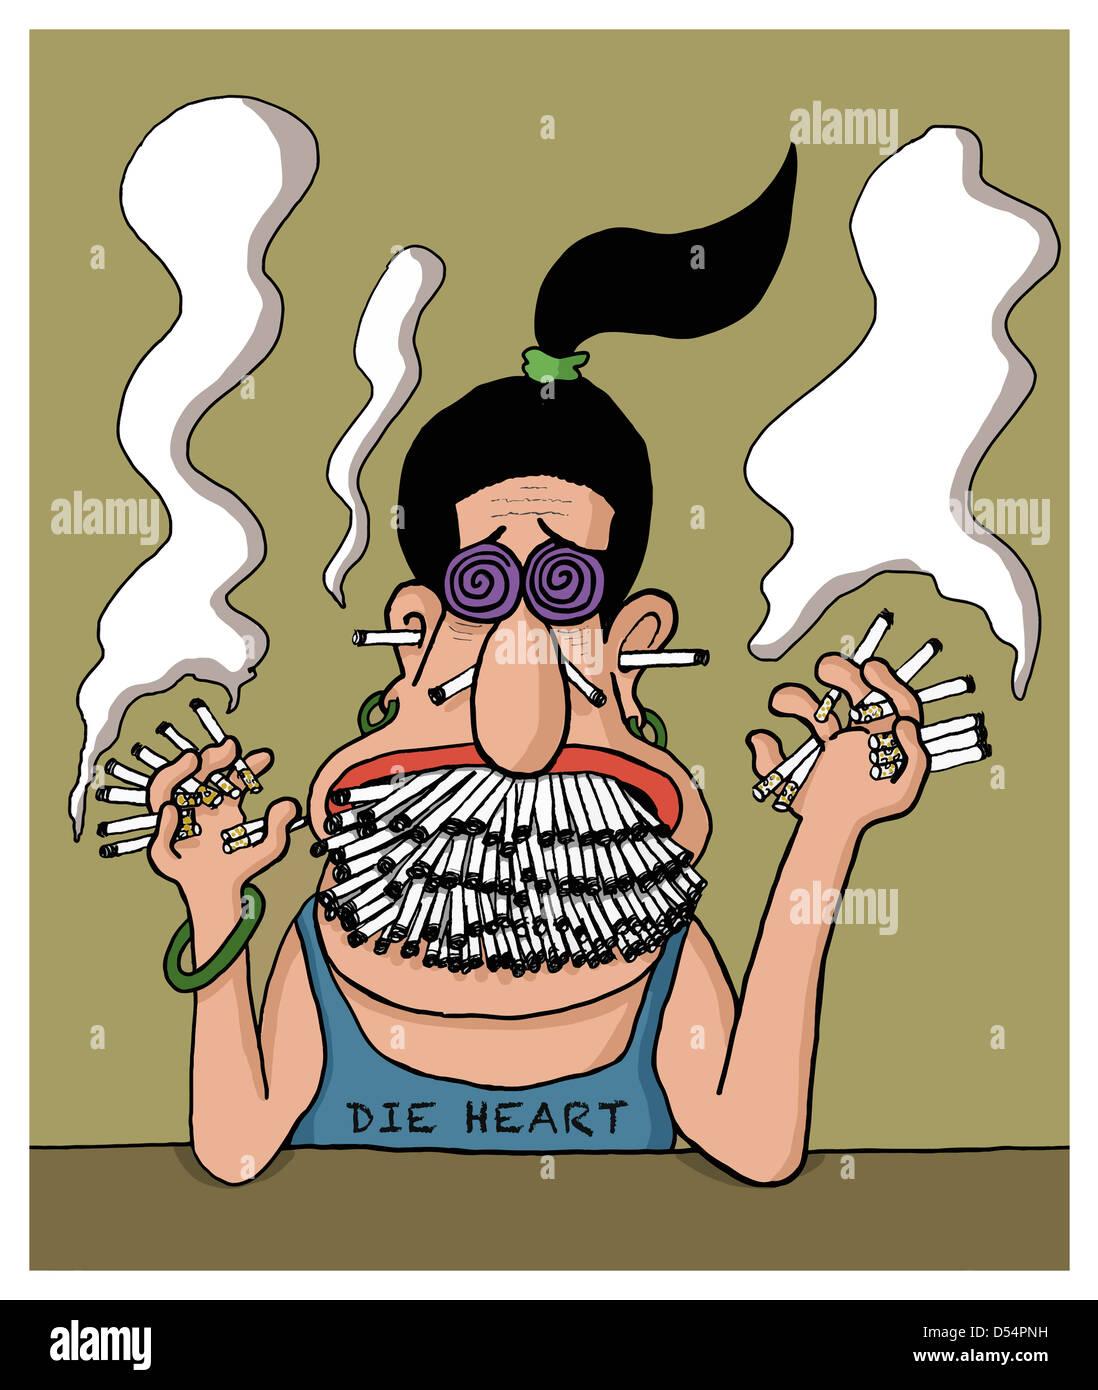 Курильщик веселые картинки